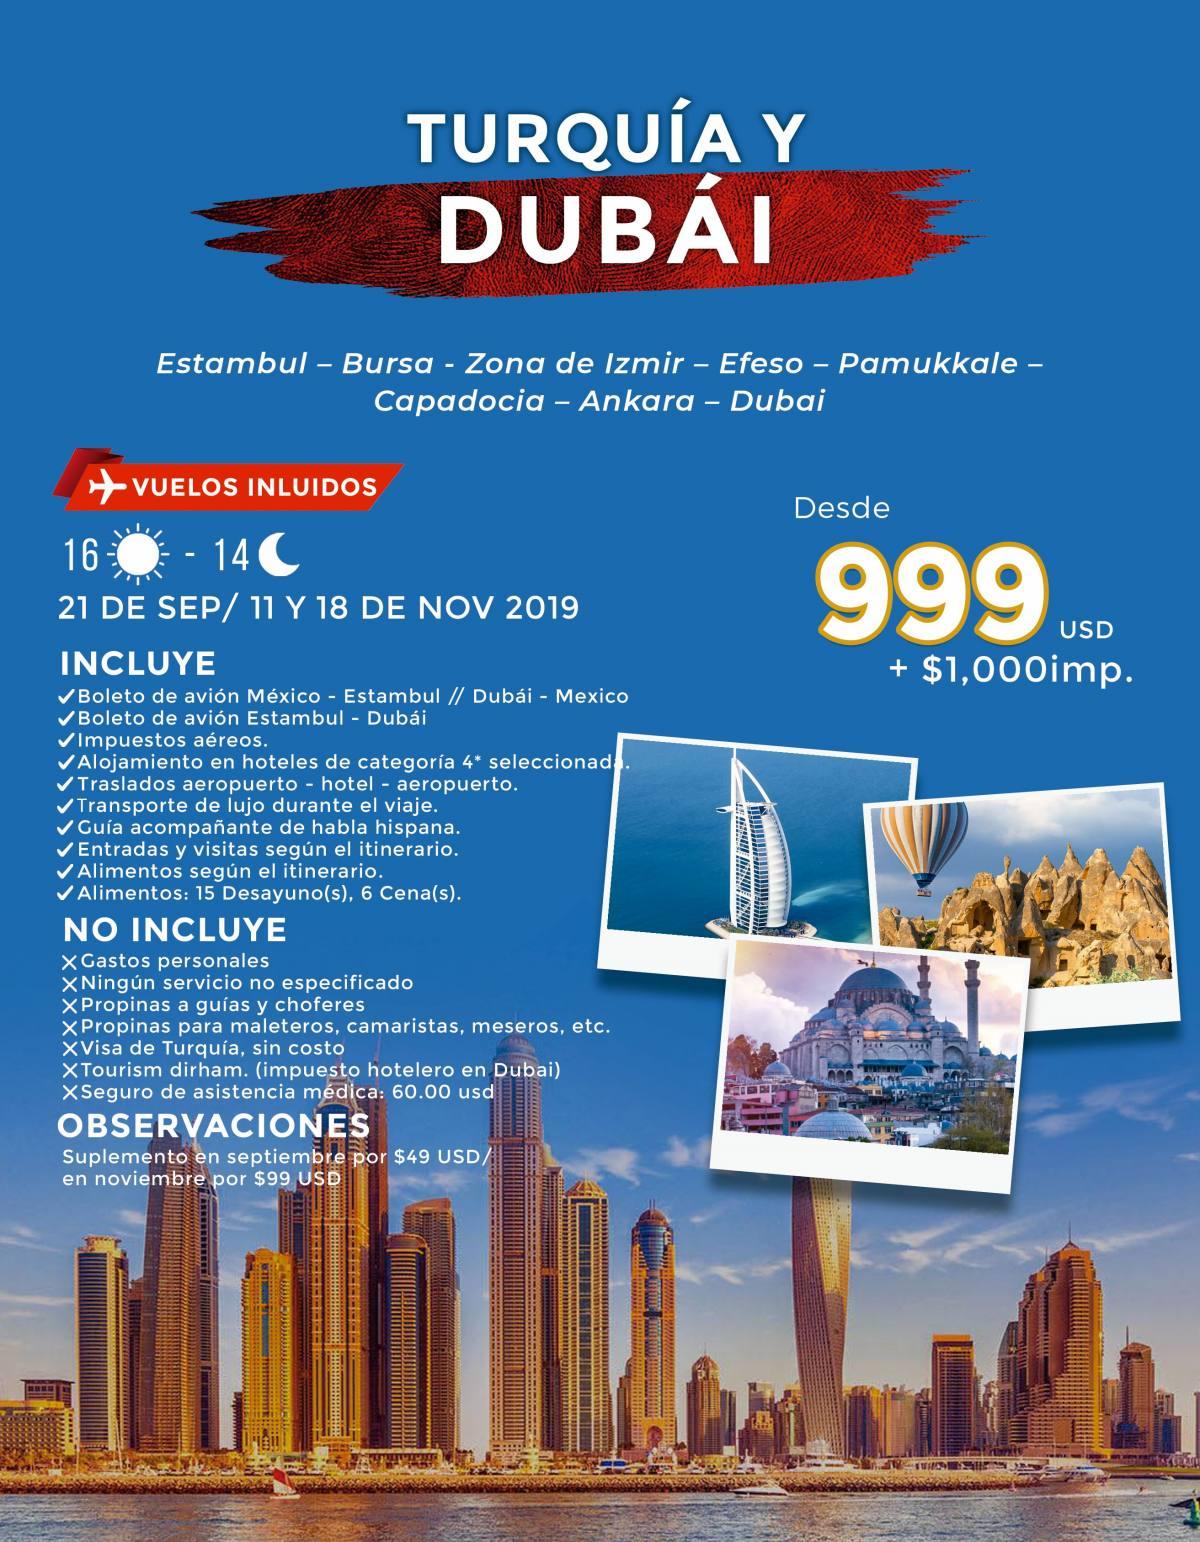 Turquía y Dubái 16 Días desde 999 USD